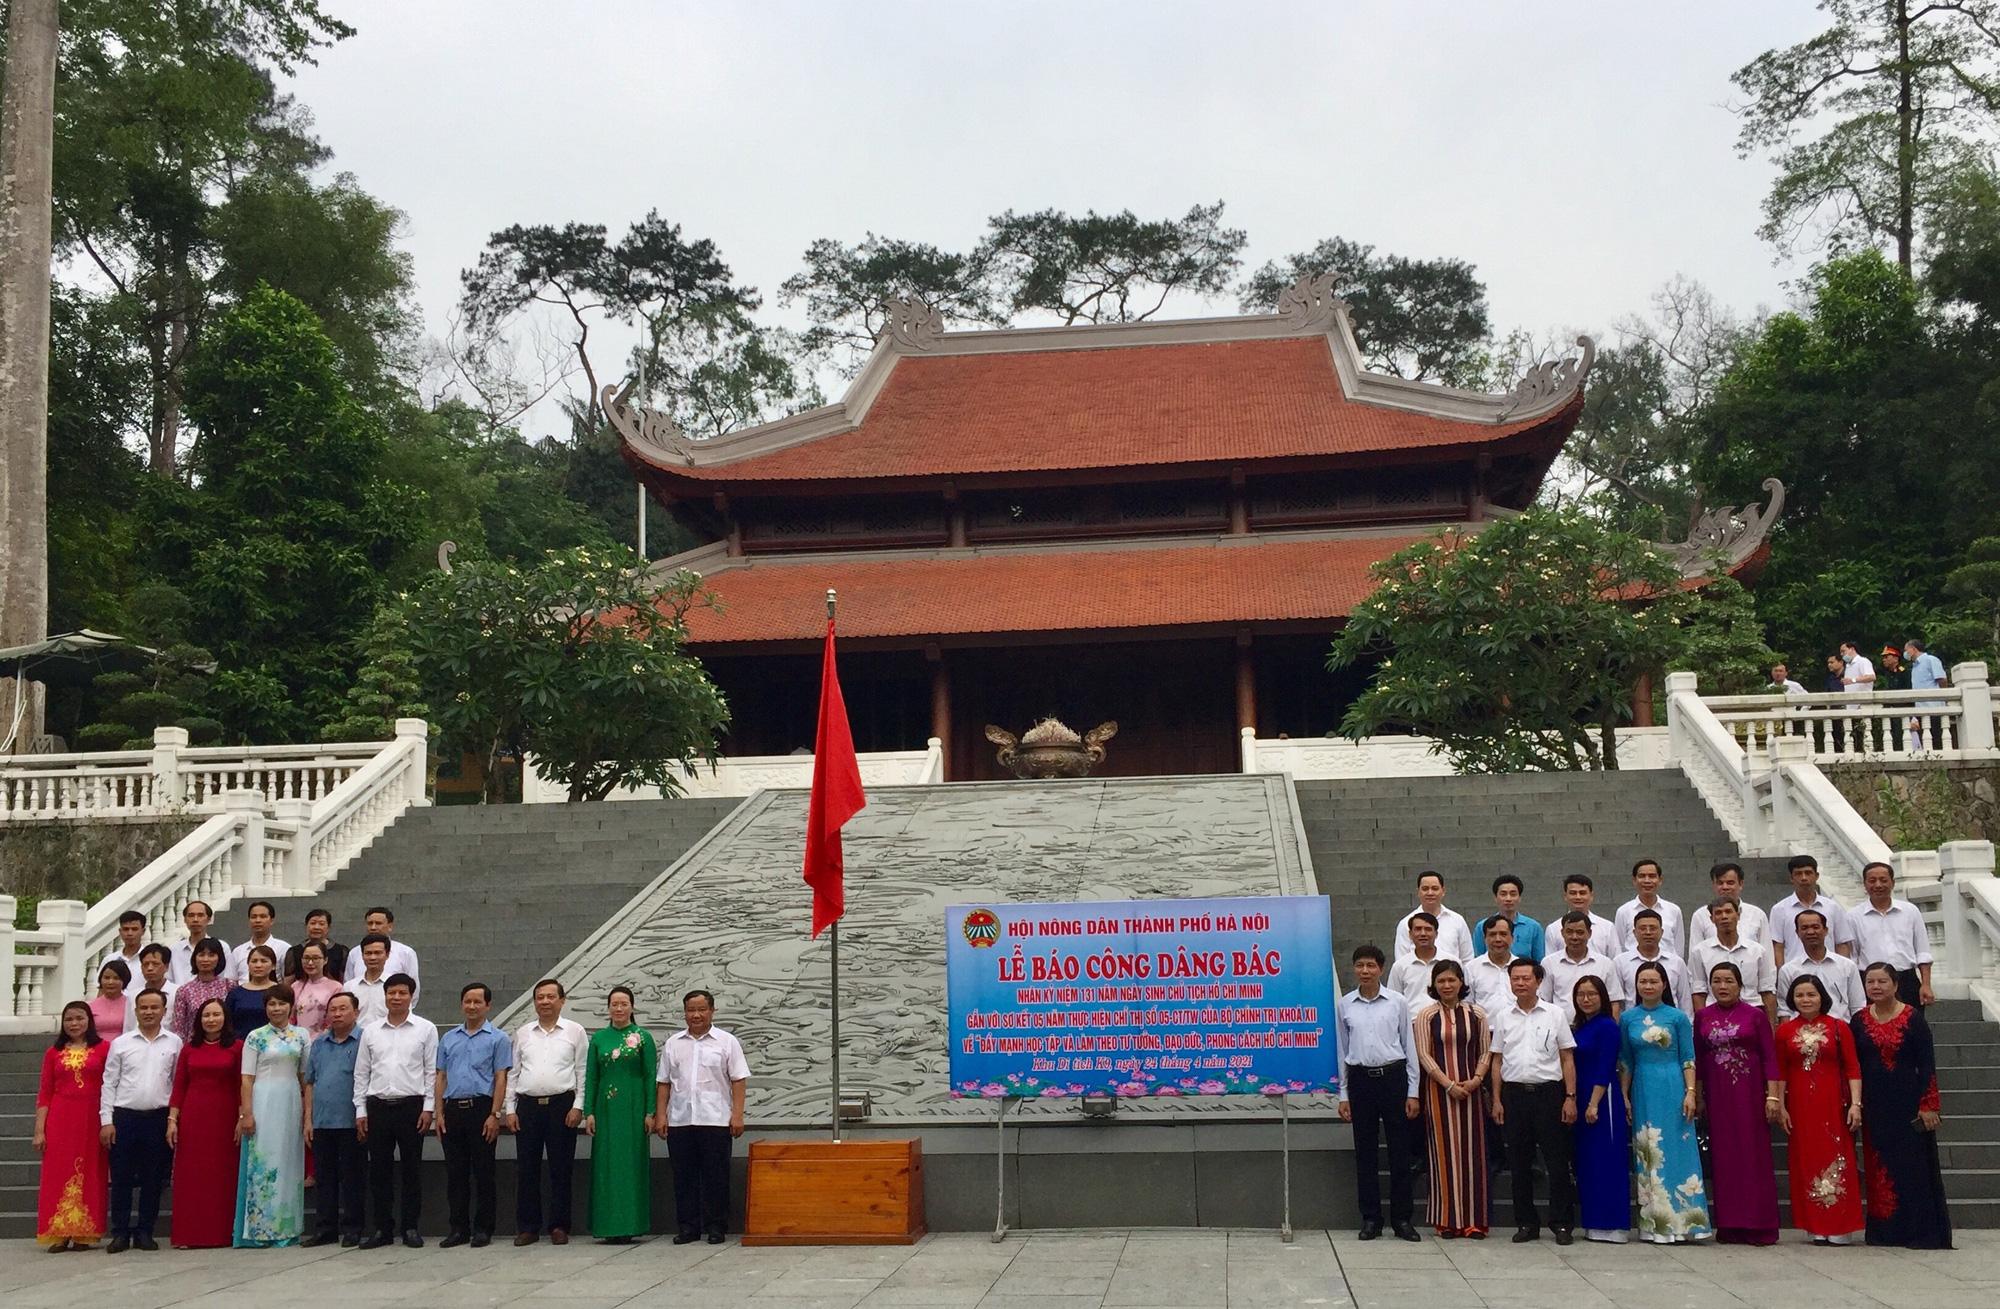 Hơn 1,5 triệu nông dân thi đua sản xuất kinh doanh giỏi, Hà Nội báo công dâng Bác - Ảnh 3.